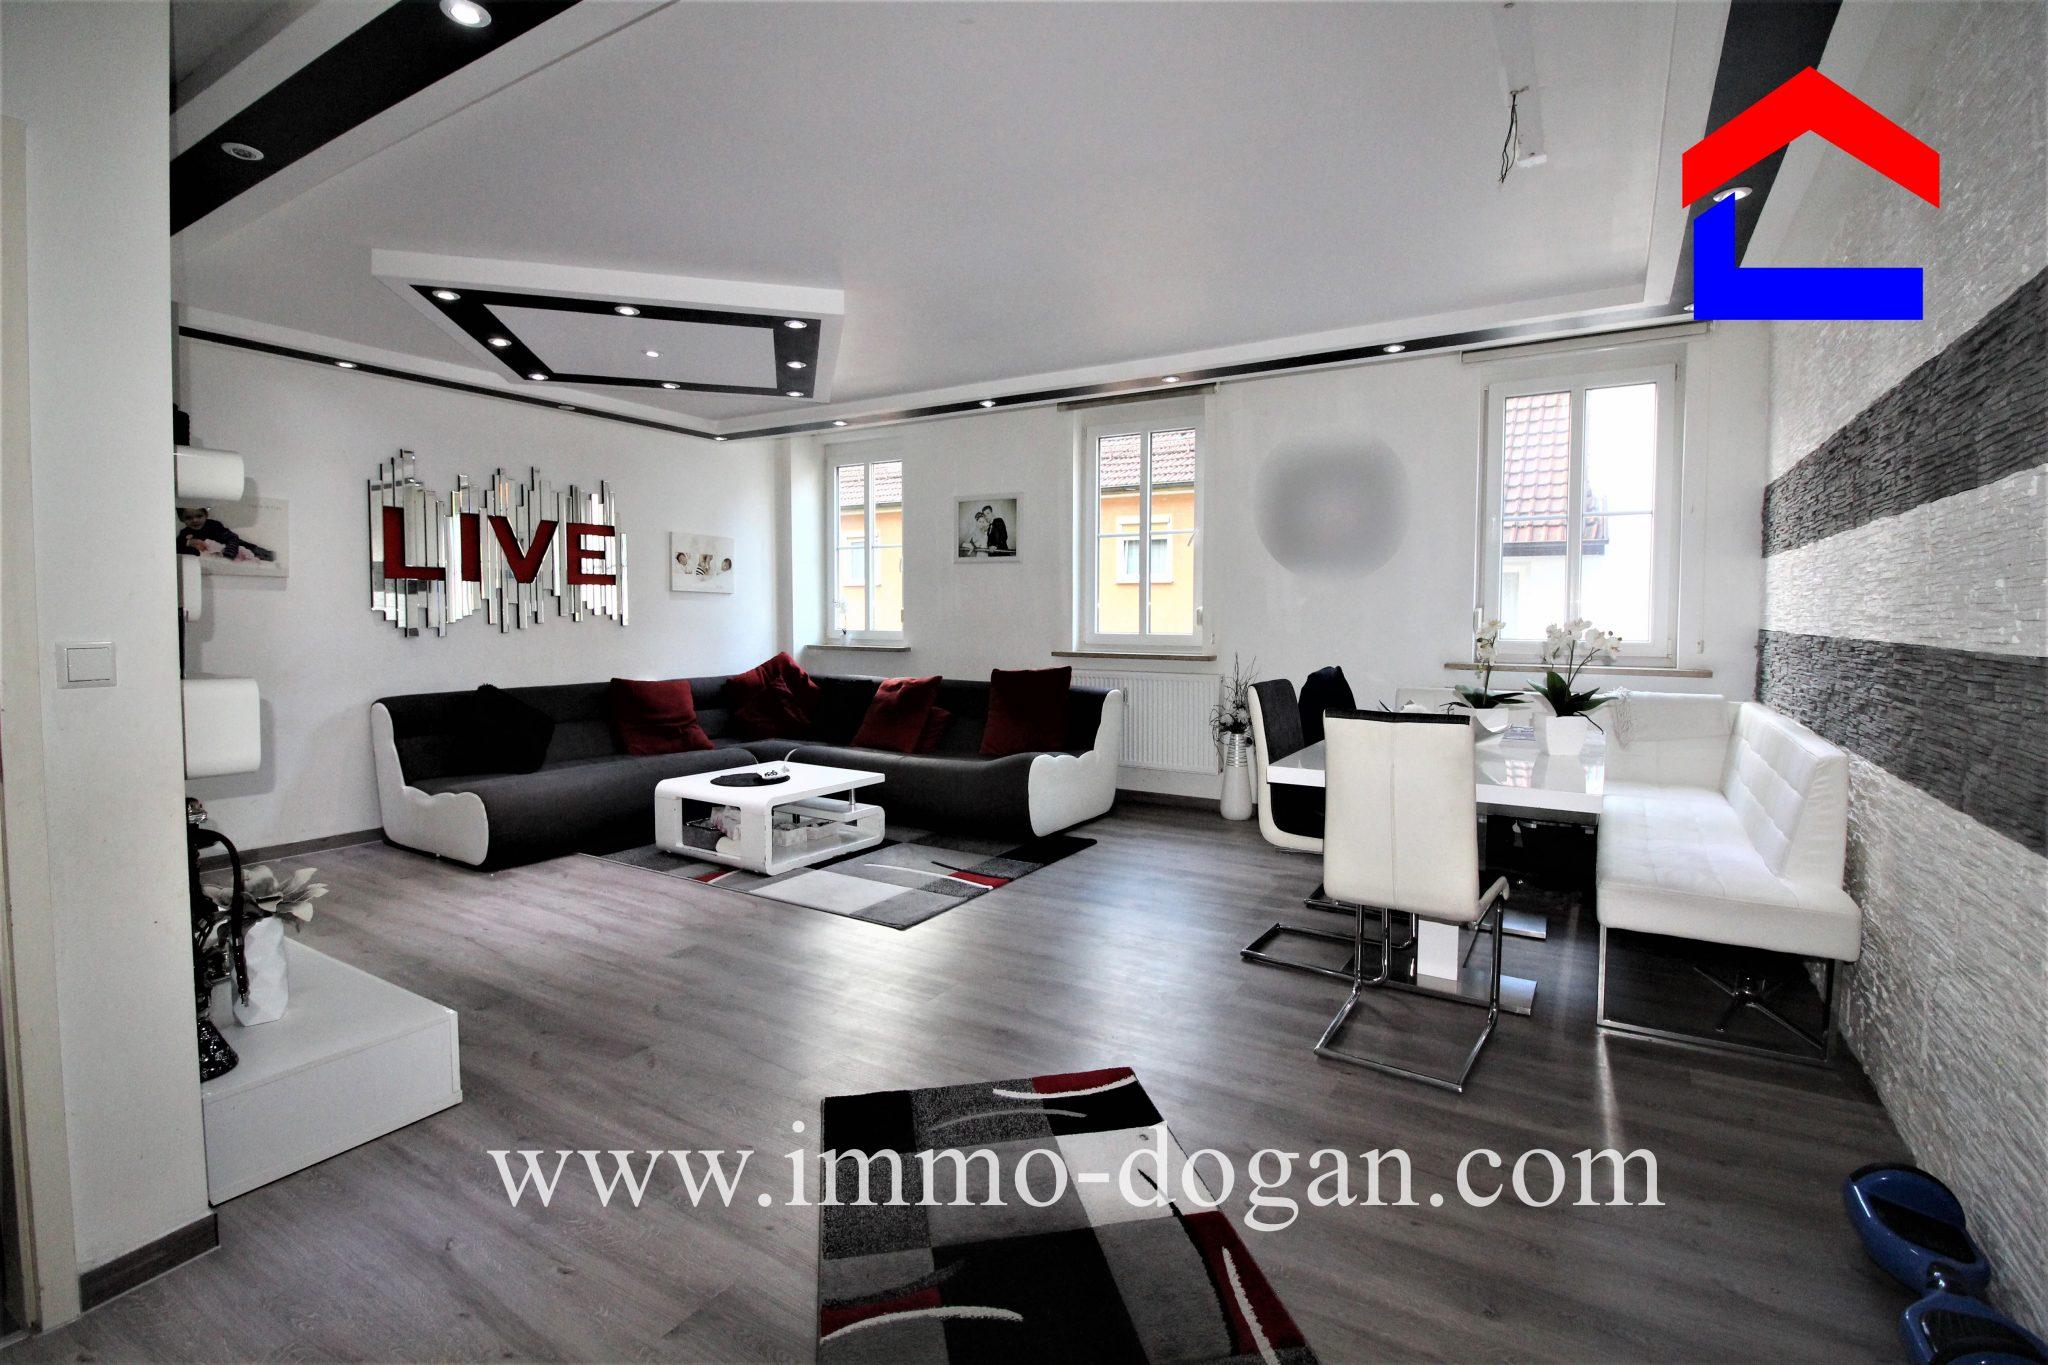 Eine Außergewöhnliche Helle 4,5 Zimmer City Wohnung im Herzen von Tuttlingen